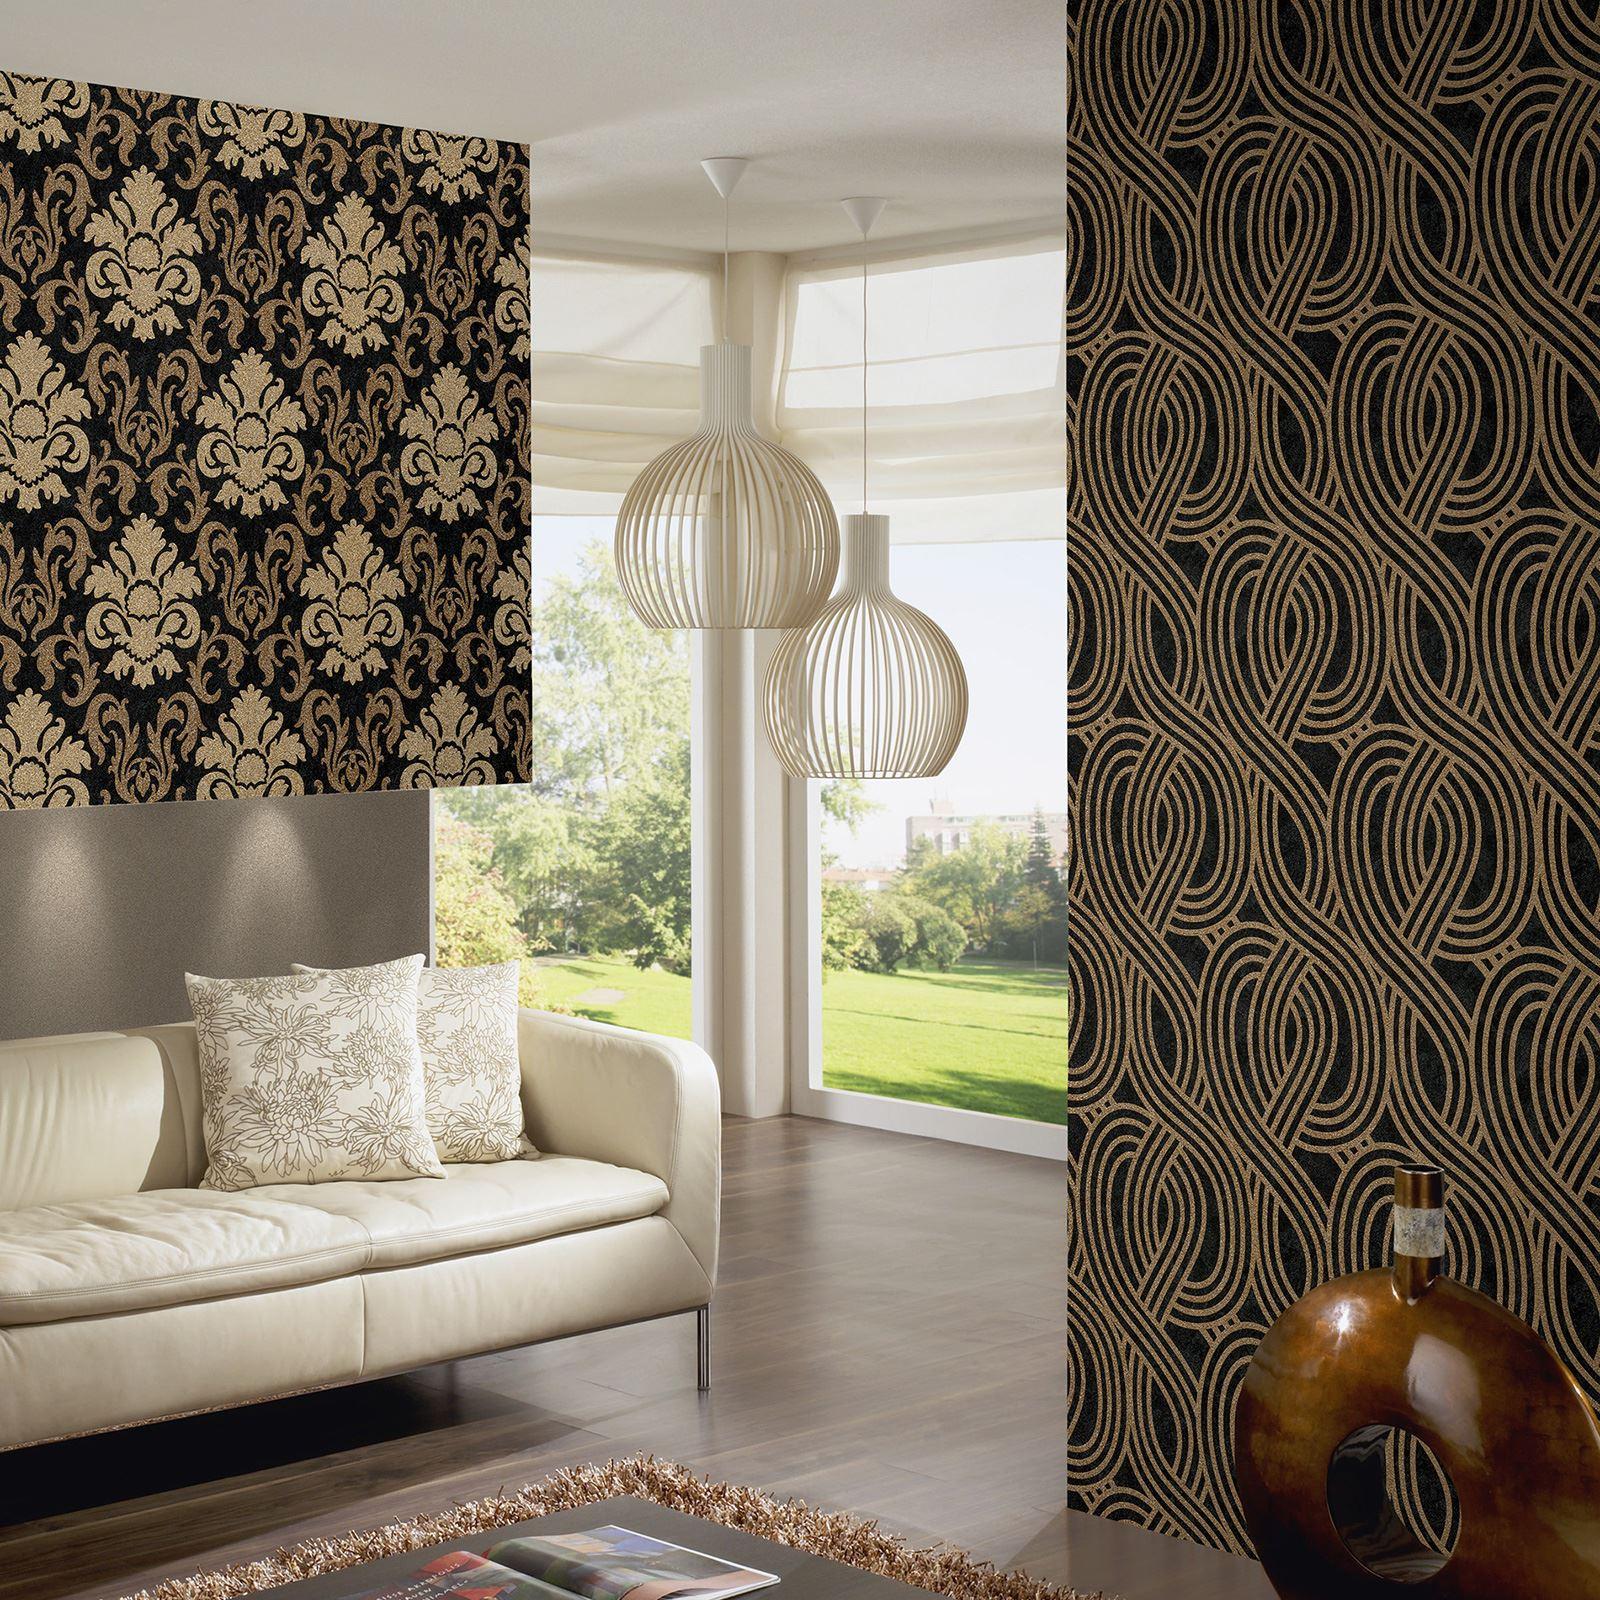 p s karat geometrisch glitzer tapete schwarz gold 13345 80 wand dekoration ebay. Black Bedroom Furniture Sets. Home Design Ideas